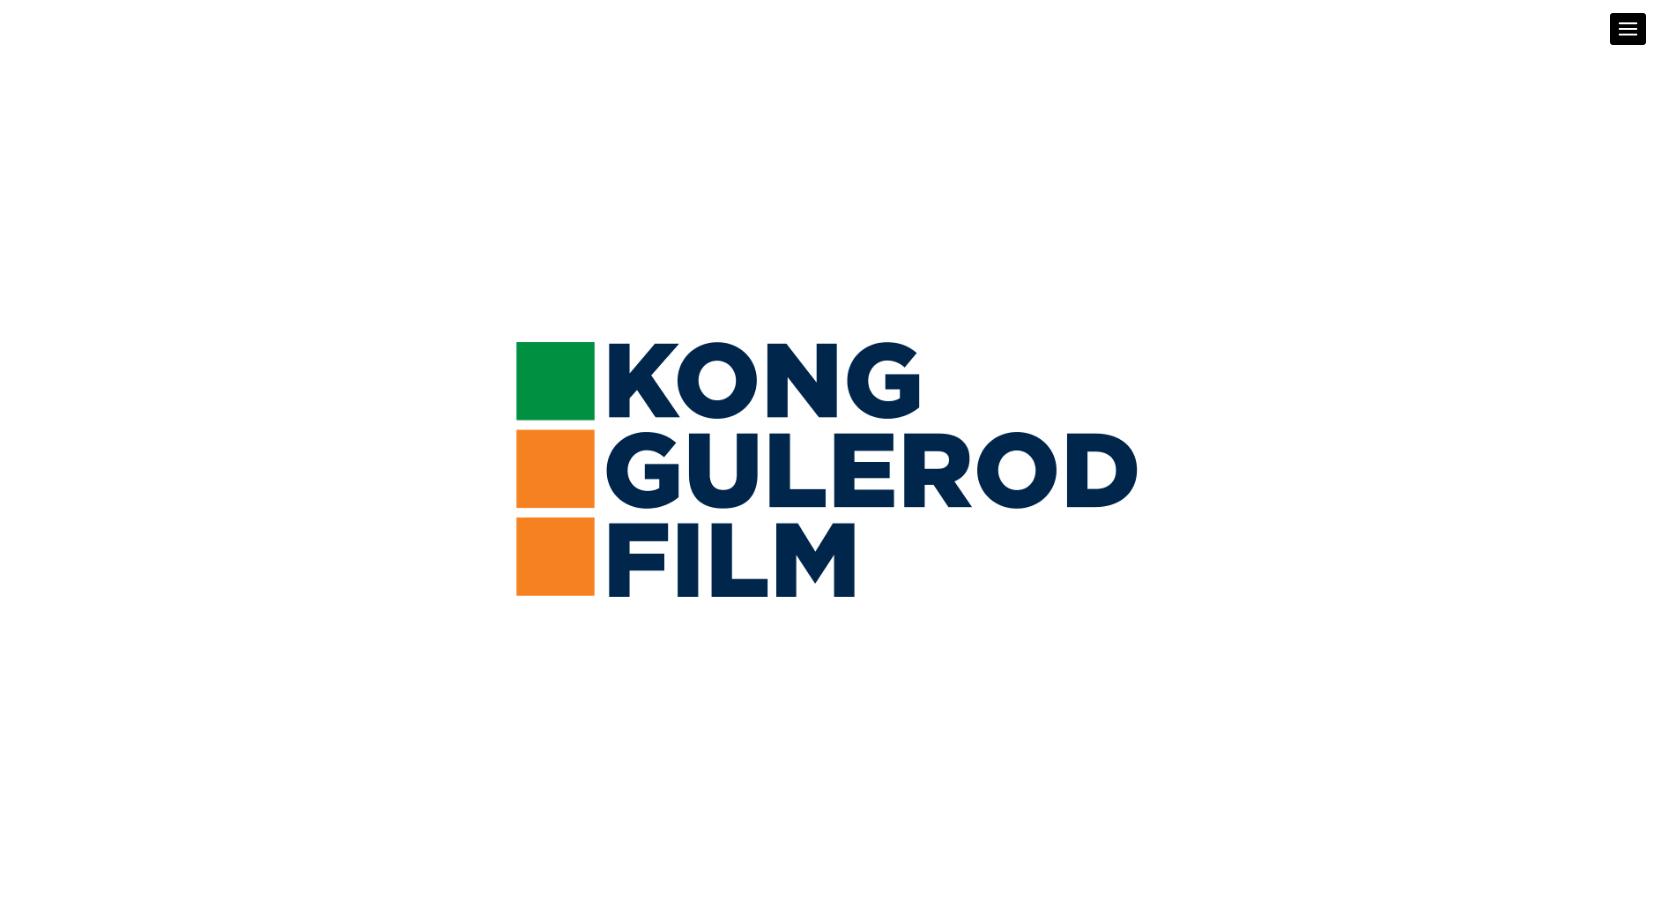 Kong Gulerod Film